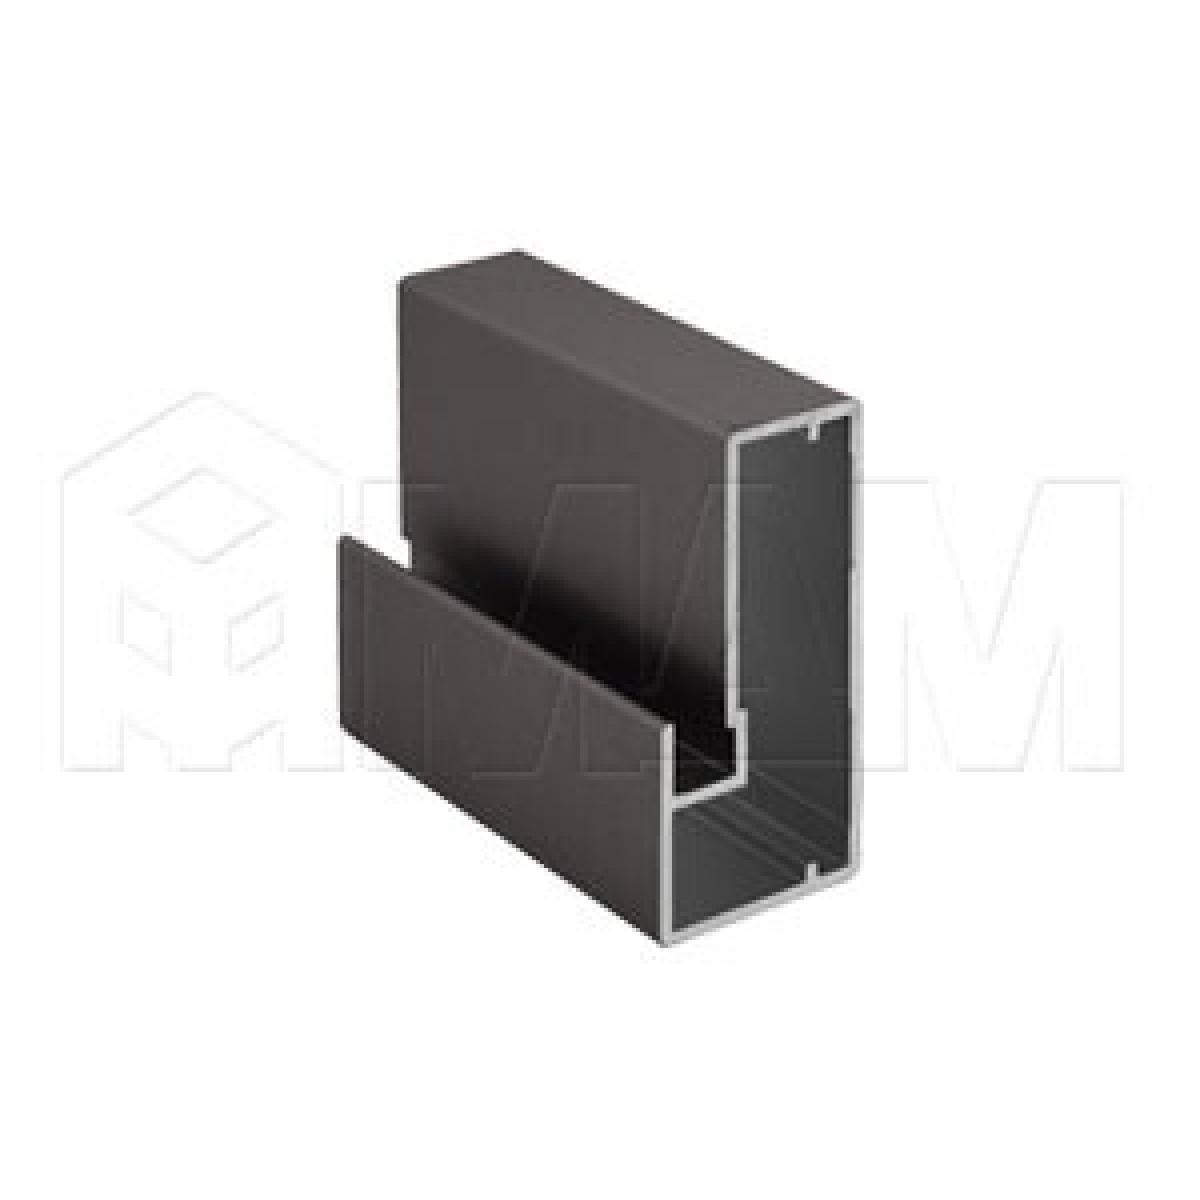 INTEGRO Профиль рамочный широкий, 45х20х20, бронза, L-6000